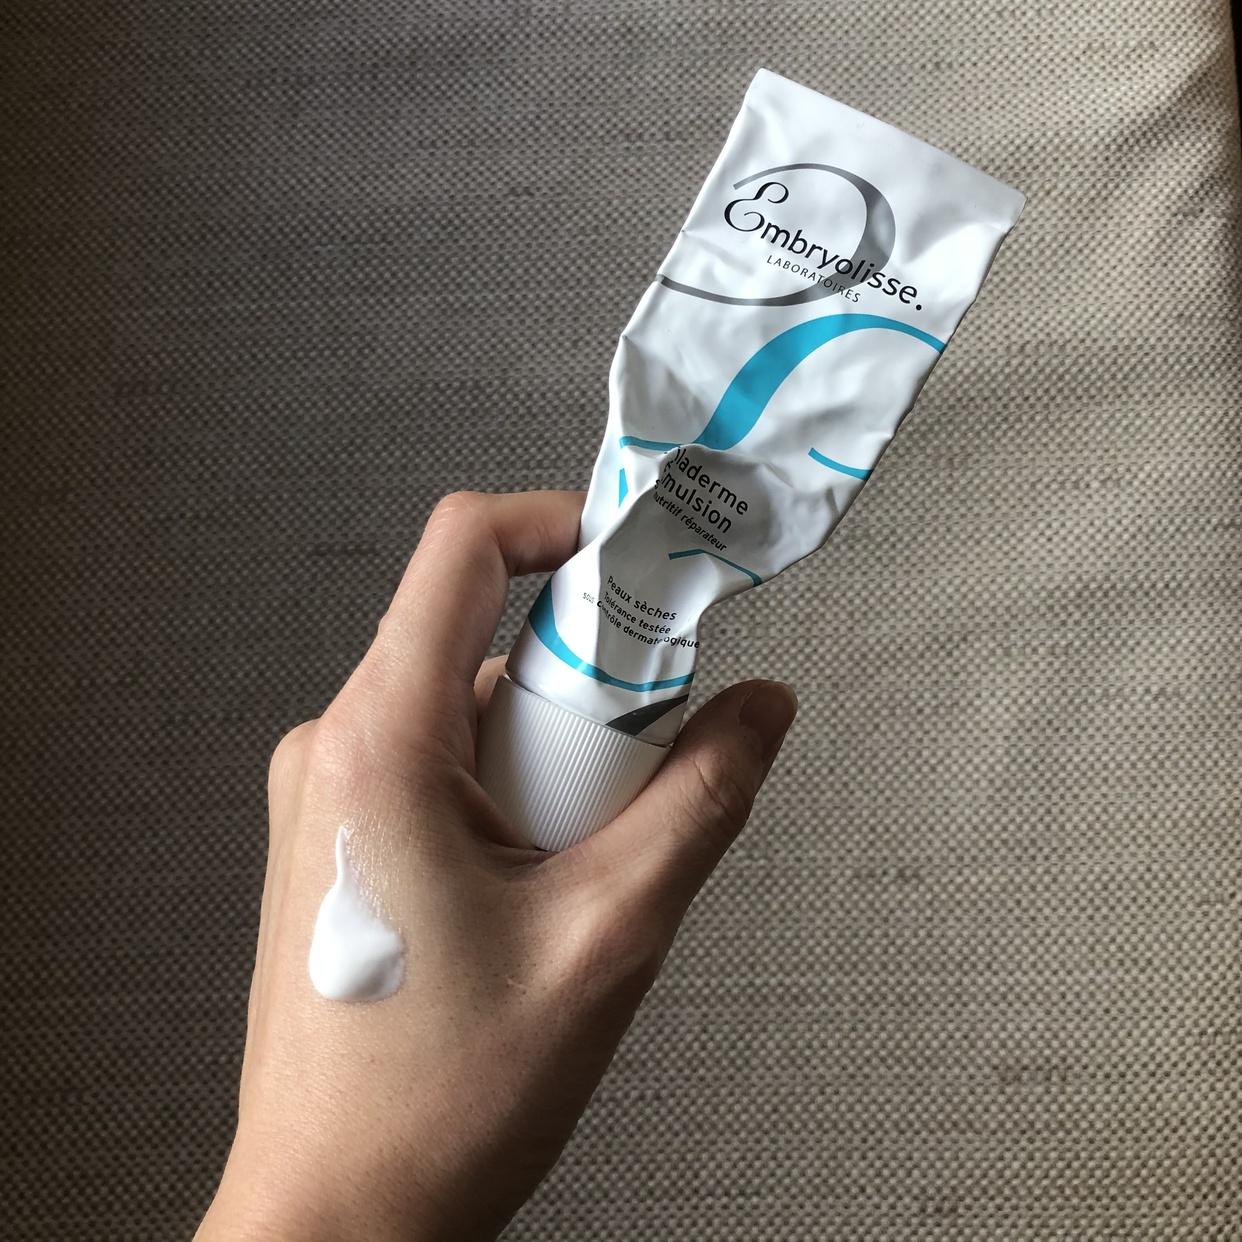 Embryolisse.(アンブリオリス)ボディミルクを使ったあいこさんのクチコミ画像1